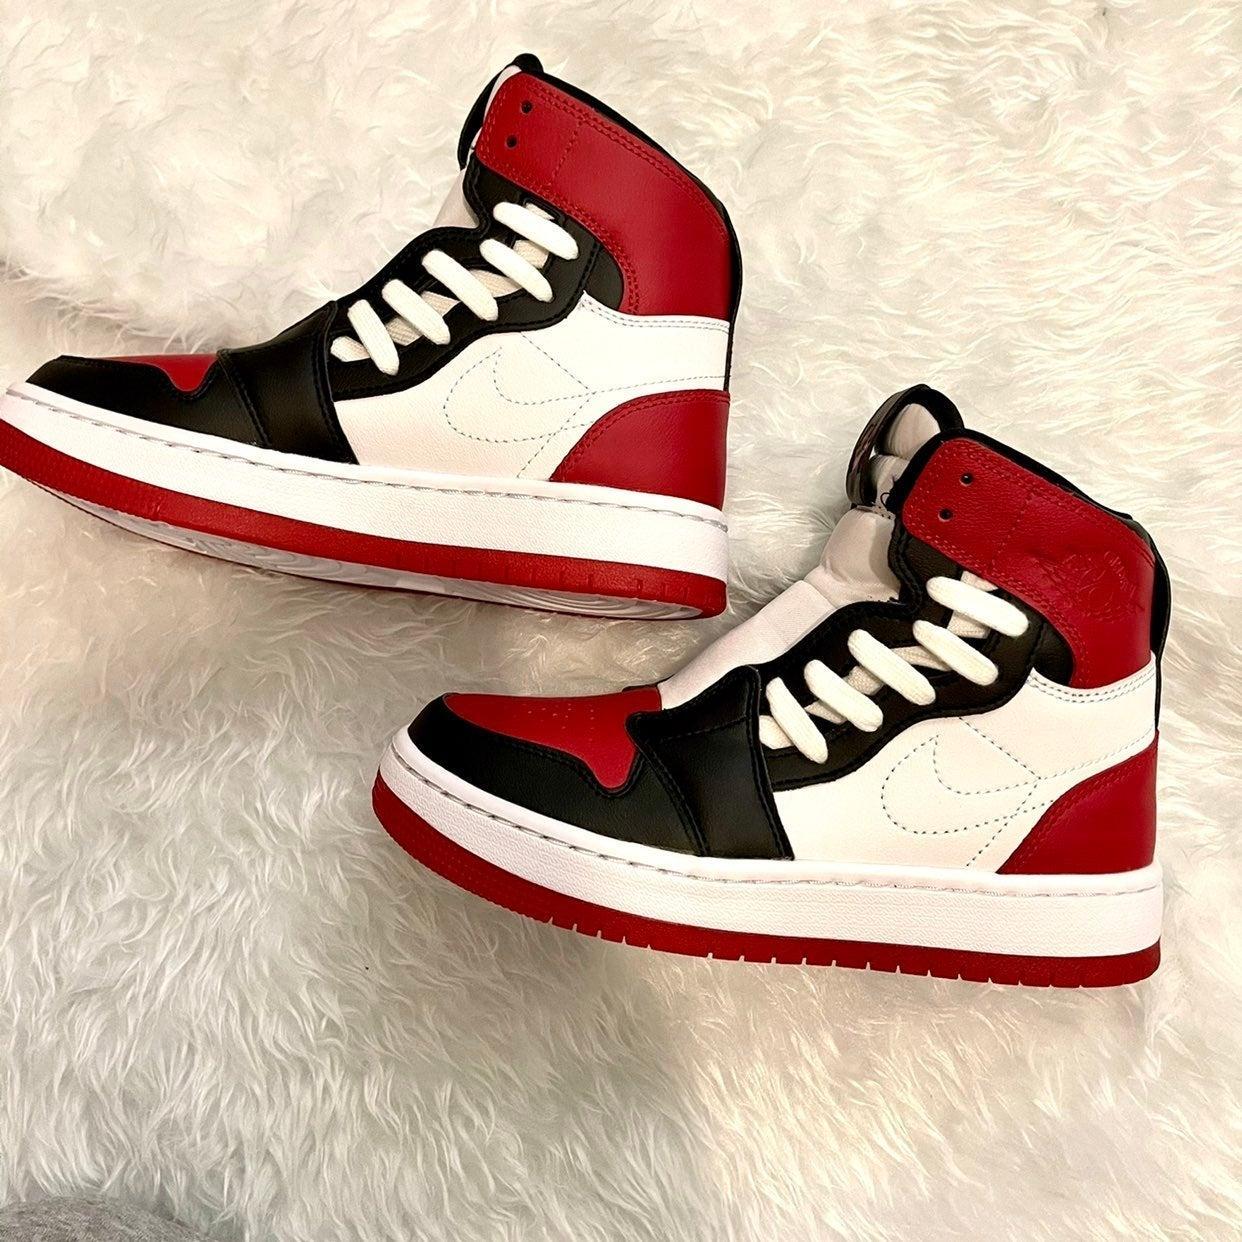 Nike Air Jordan 1 Nova xx Bred Toe